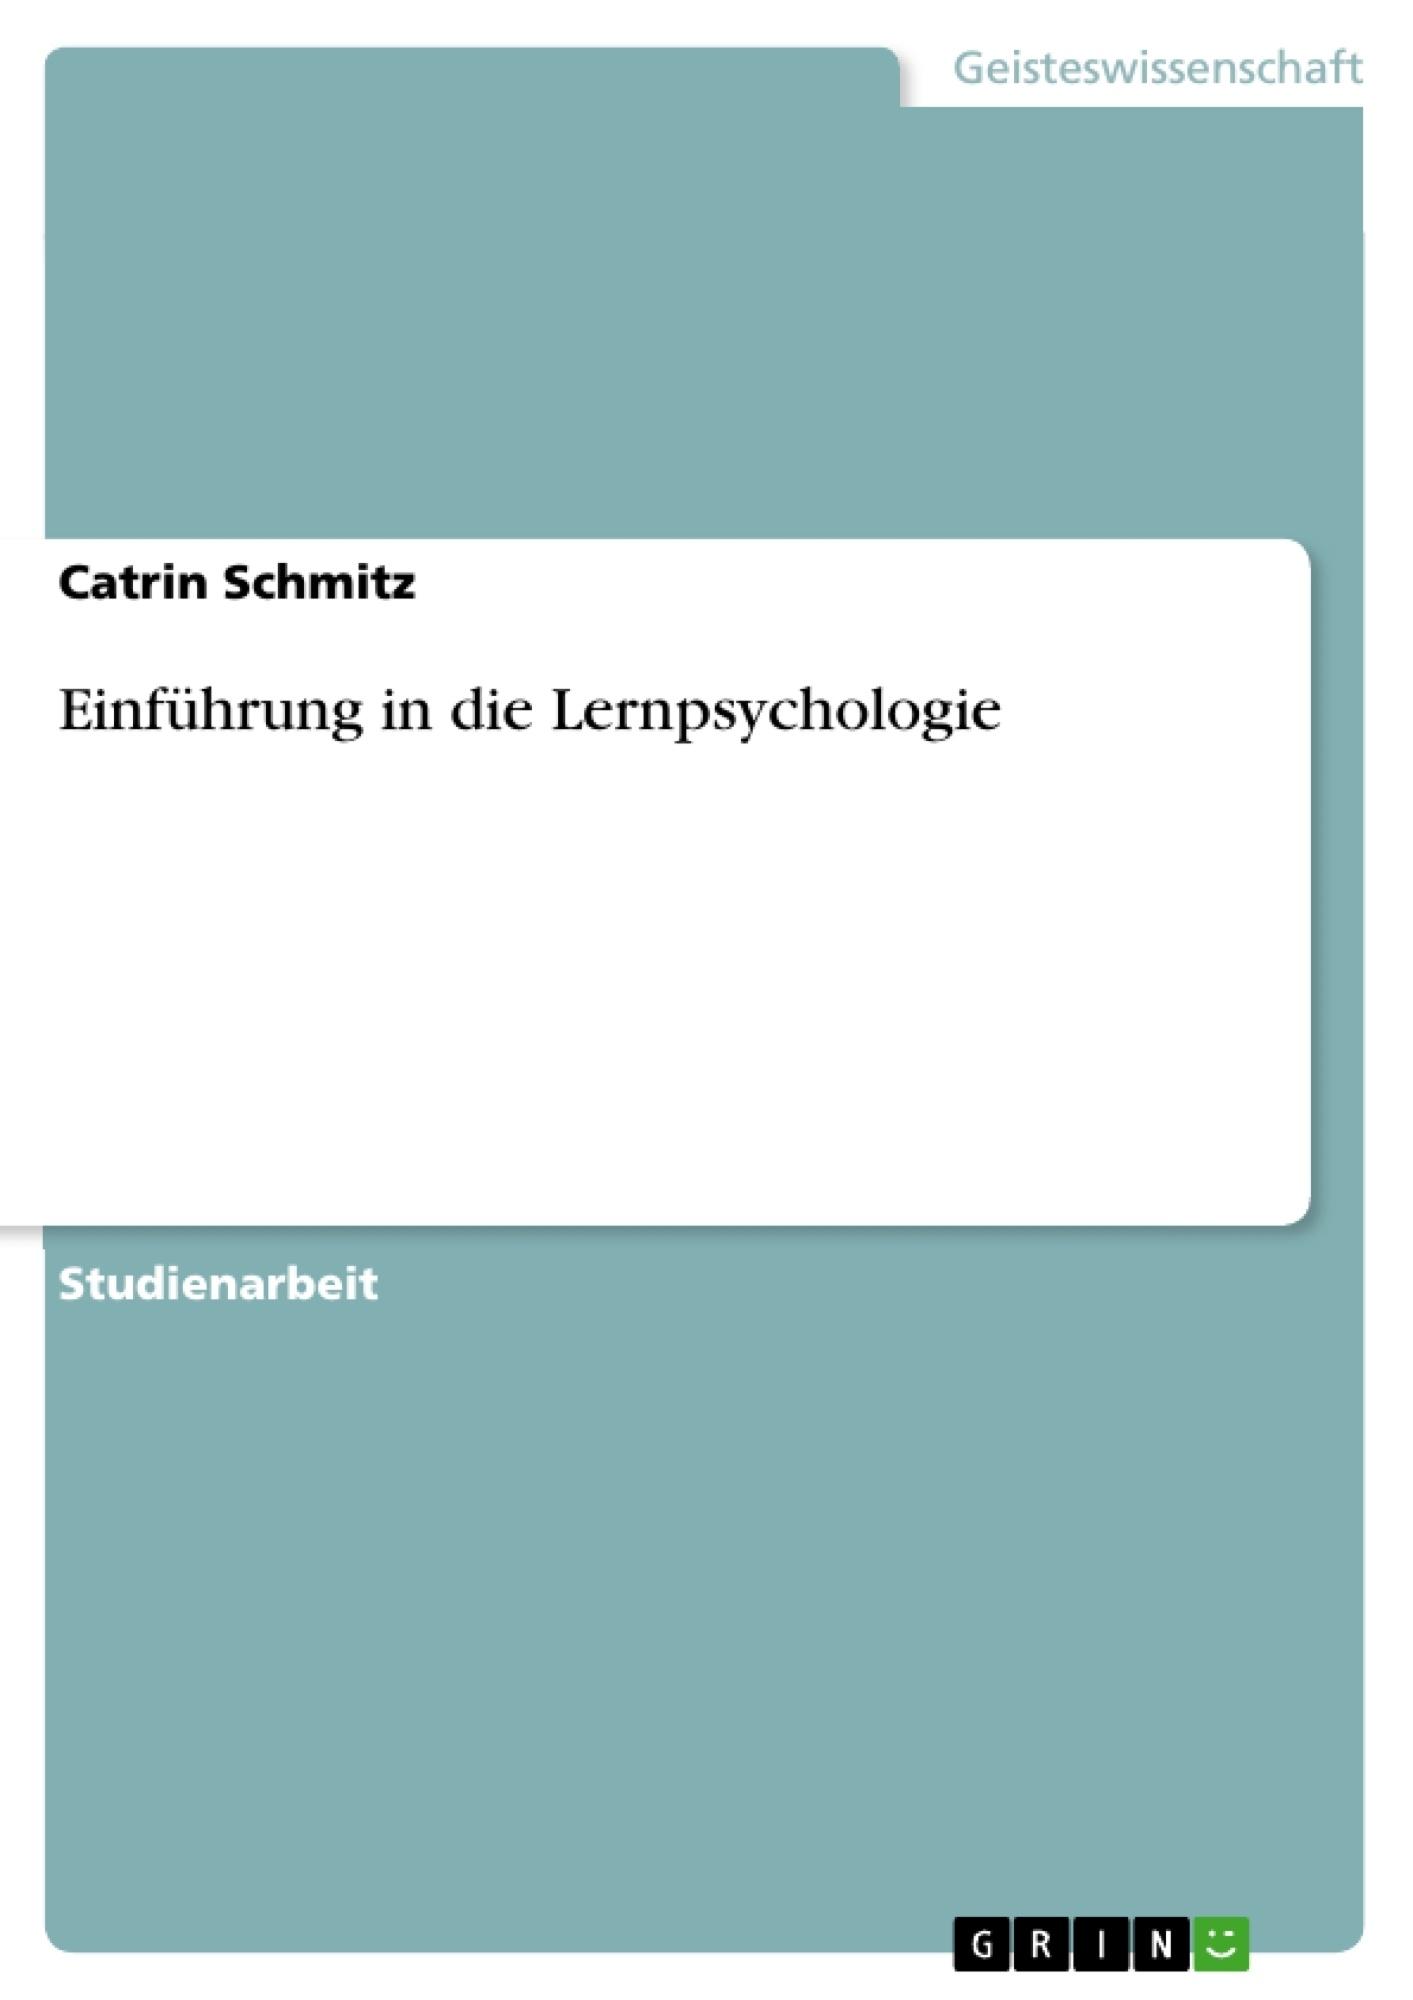 Titel: Einführung in die Lernpsychologie